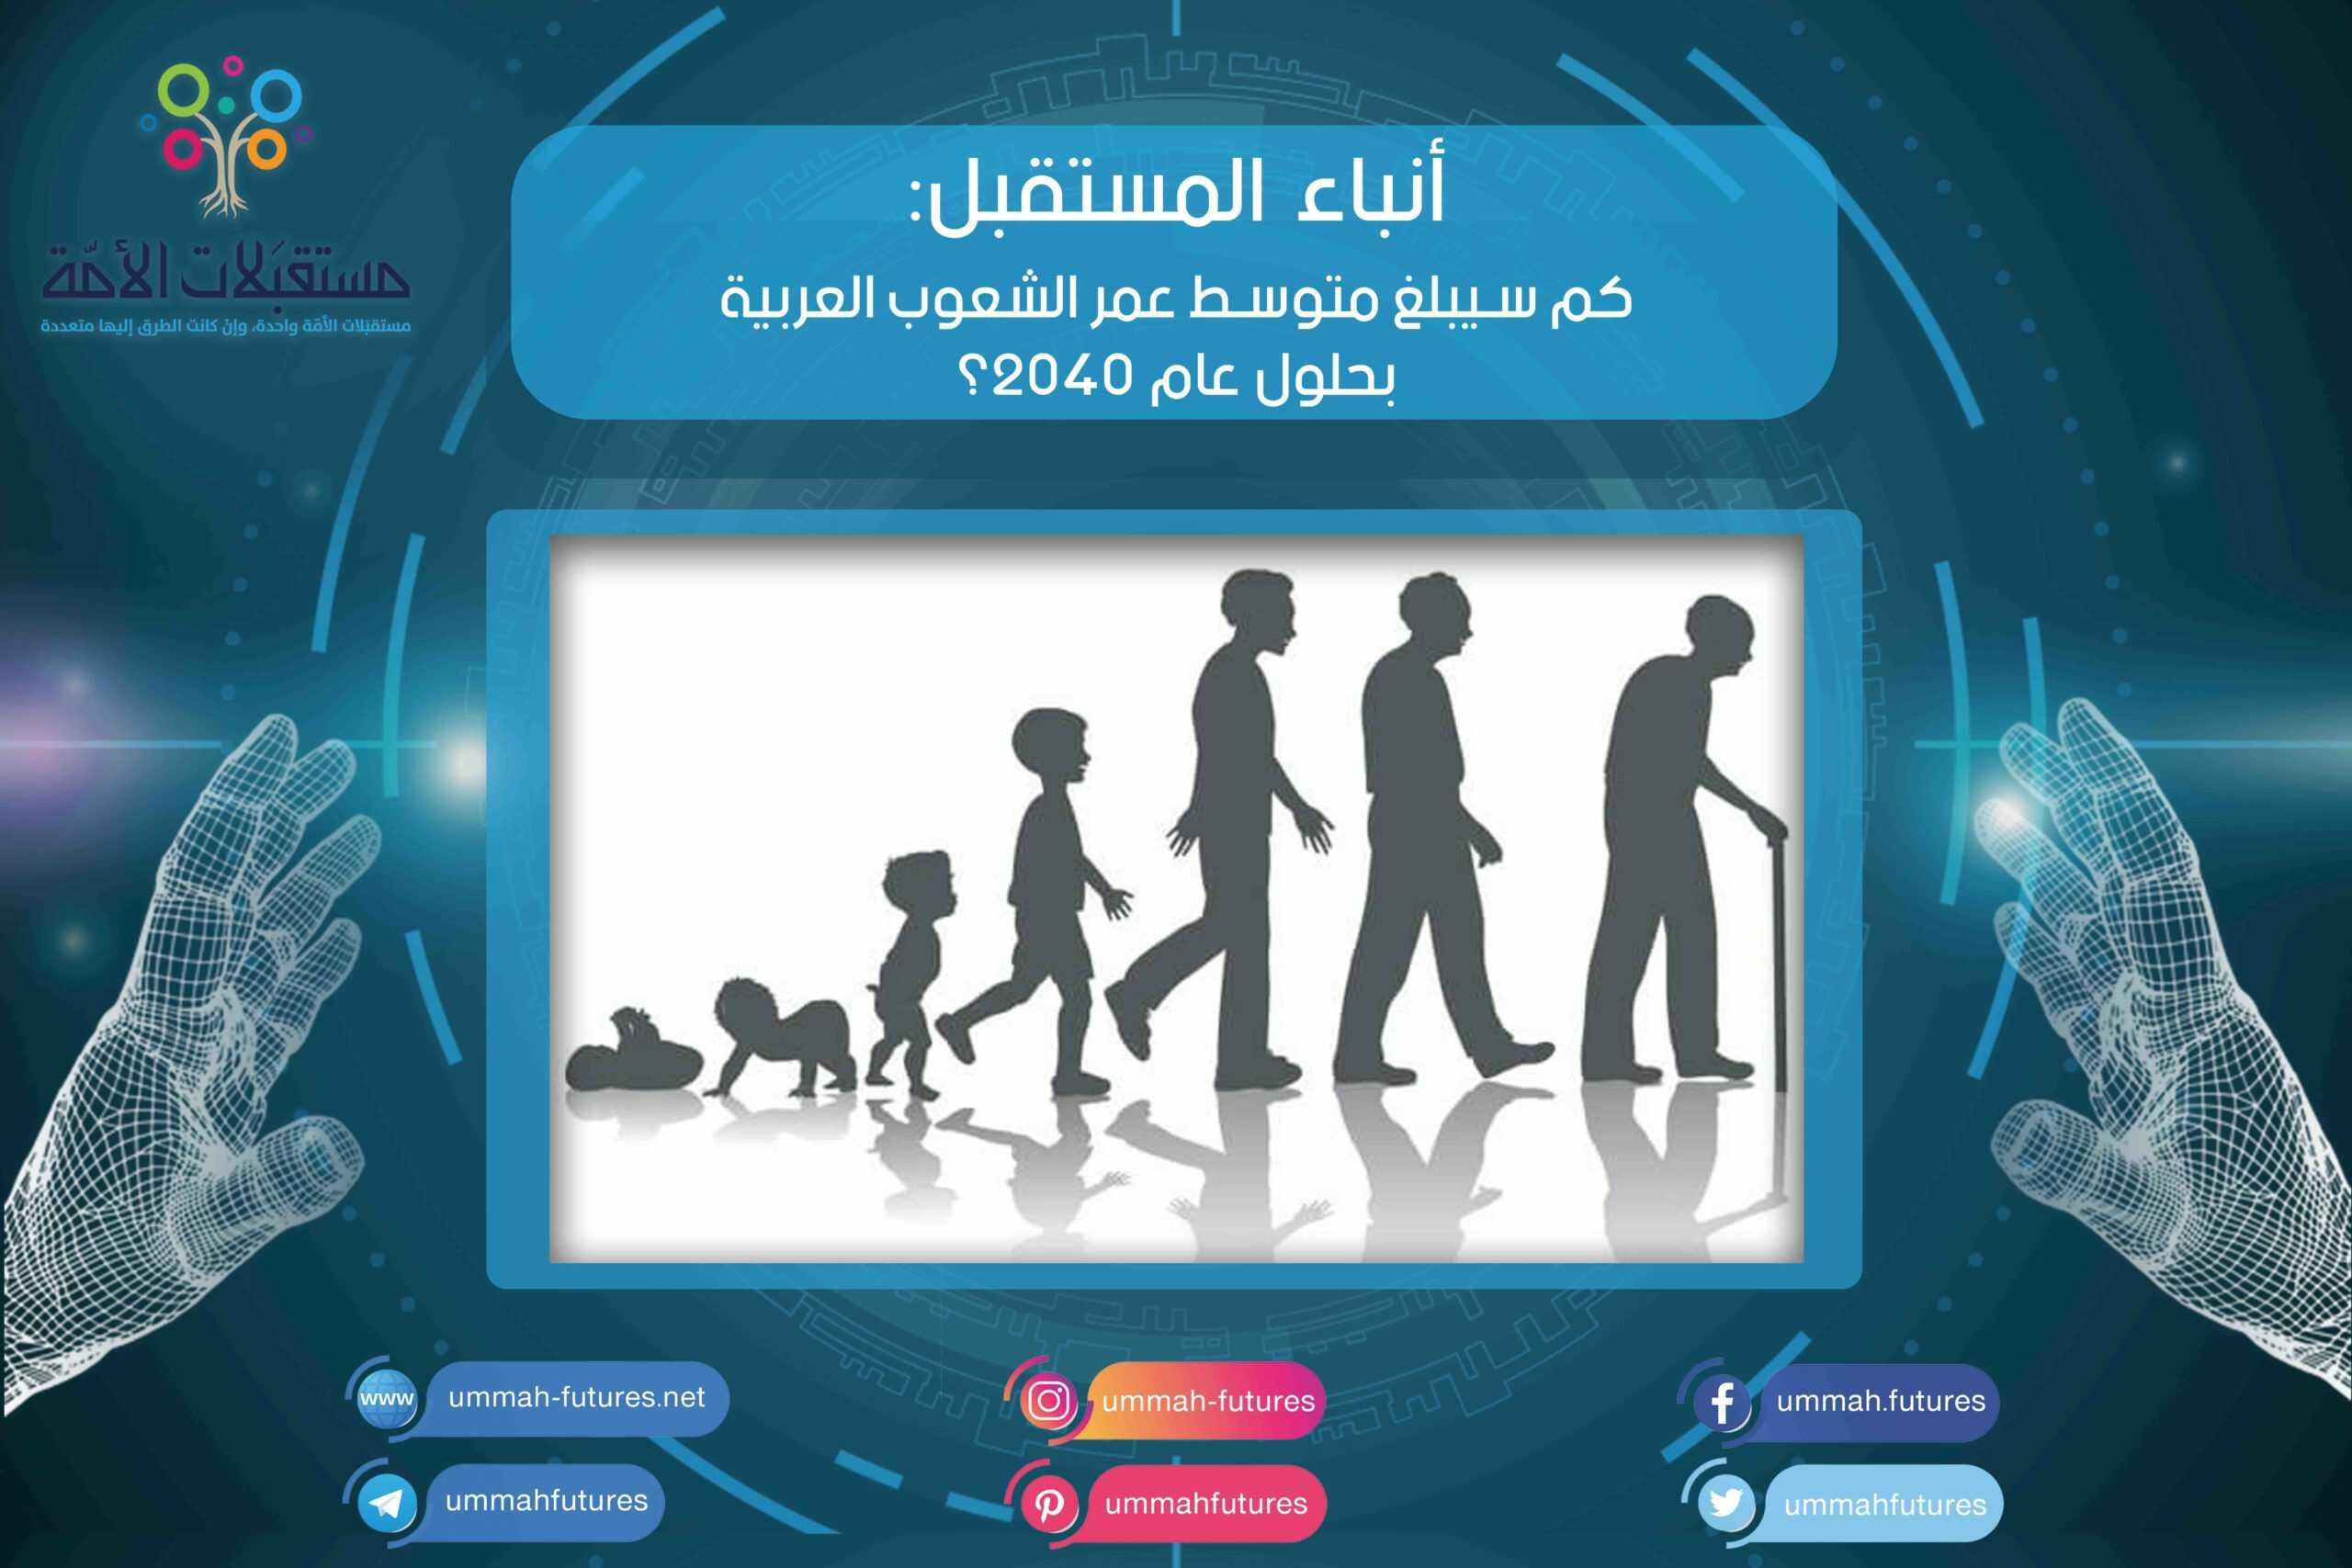 كم سيبلغ متوسط عمر الشعوب العربية بحلول عام 2040؟